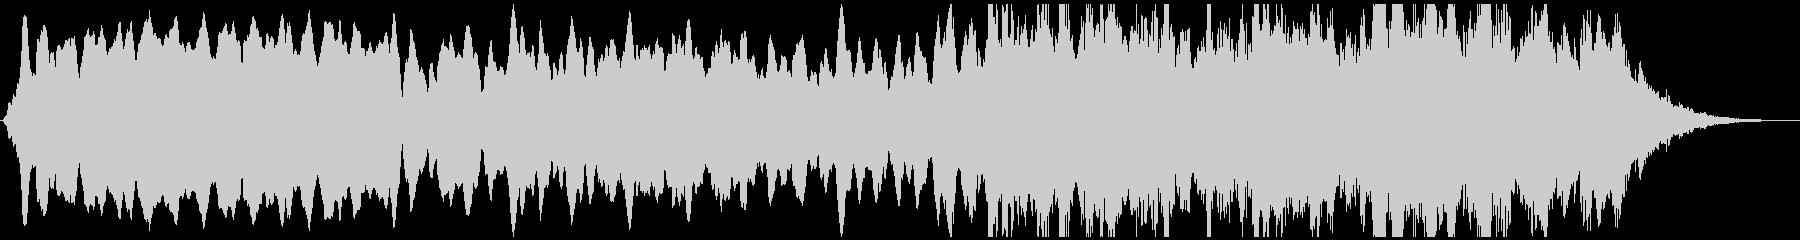 PADS 不安定な05の未再生の波形